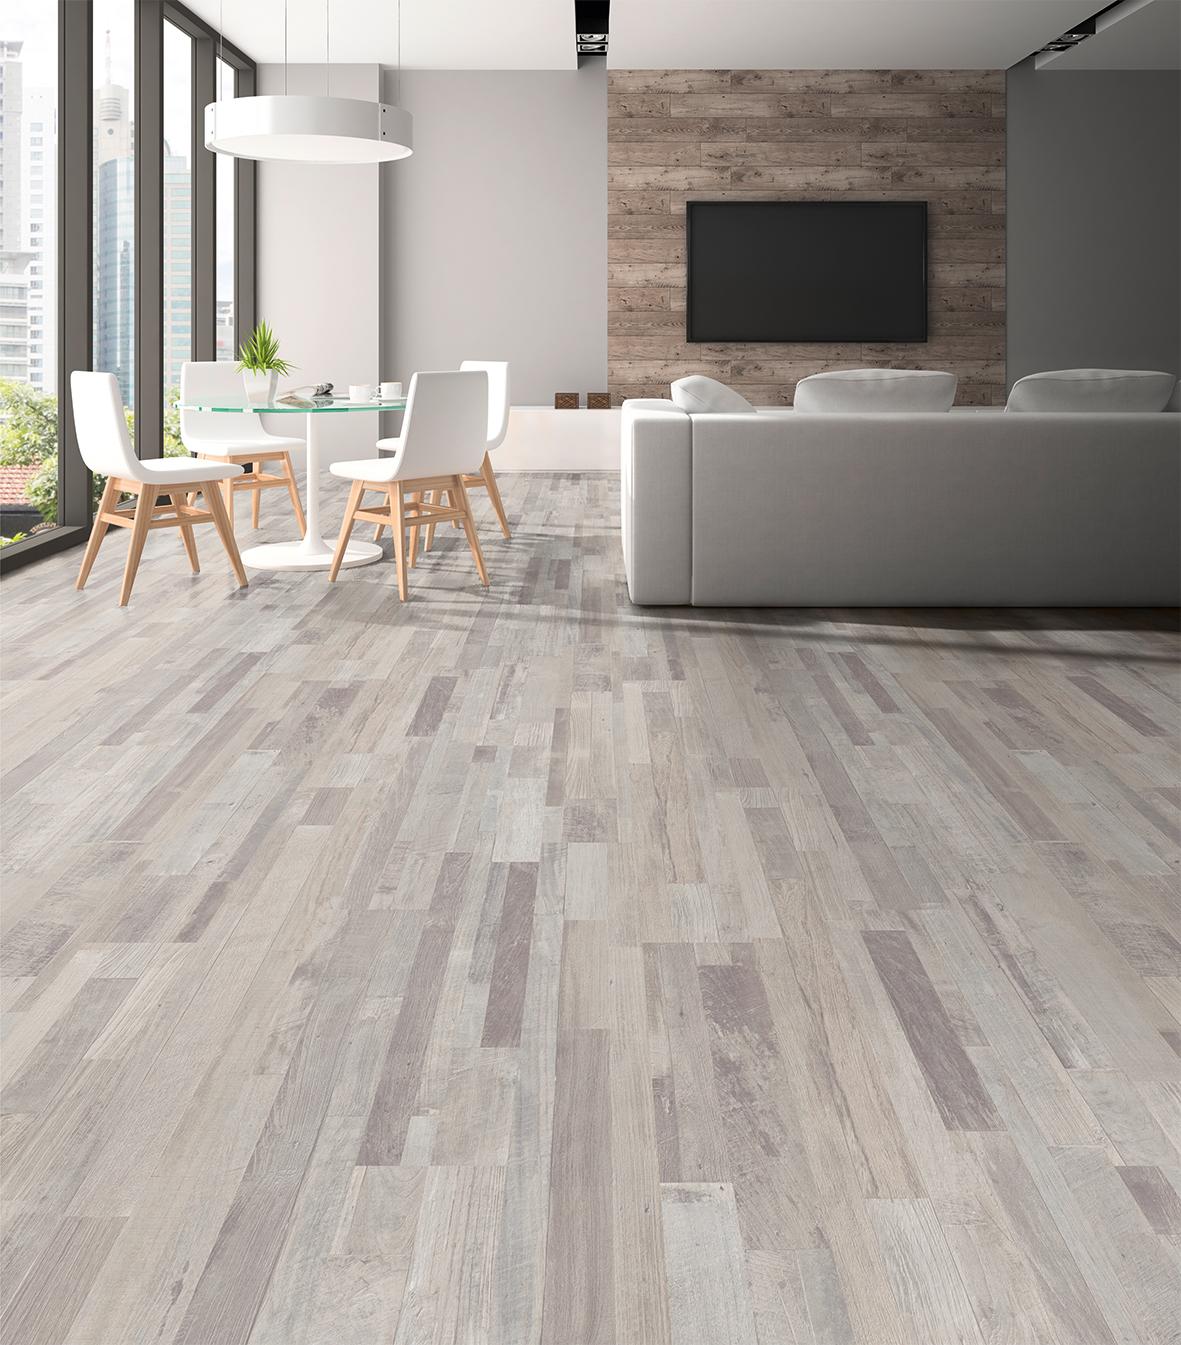 floer sloophout laminaat drijfhout wit eiken vloer. Black Bedroom Furniture Sets. Home Design Ideas